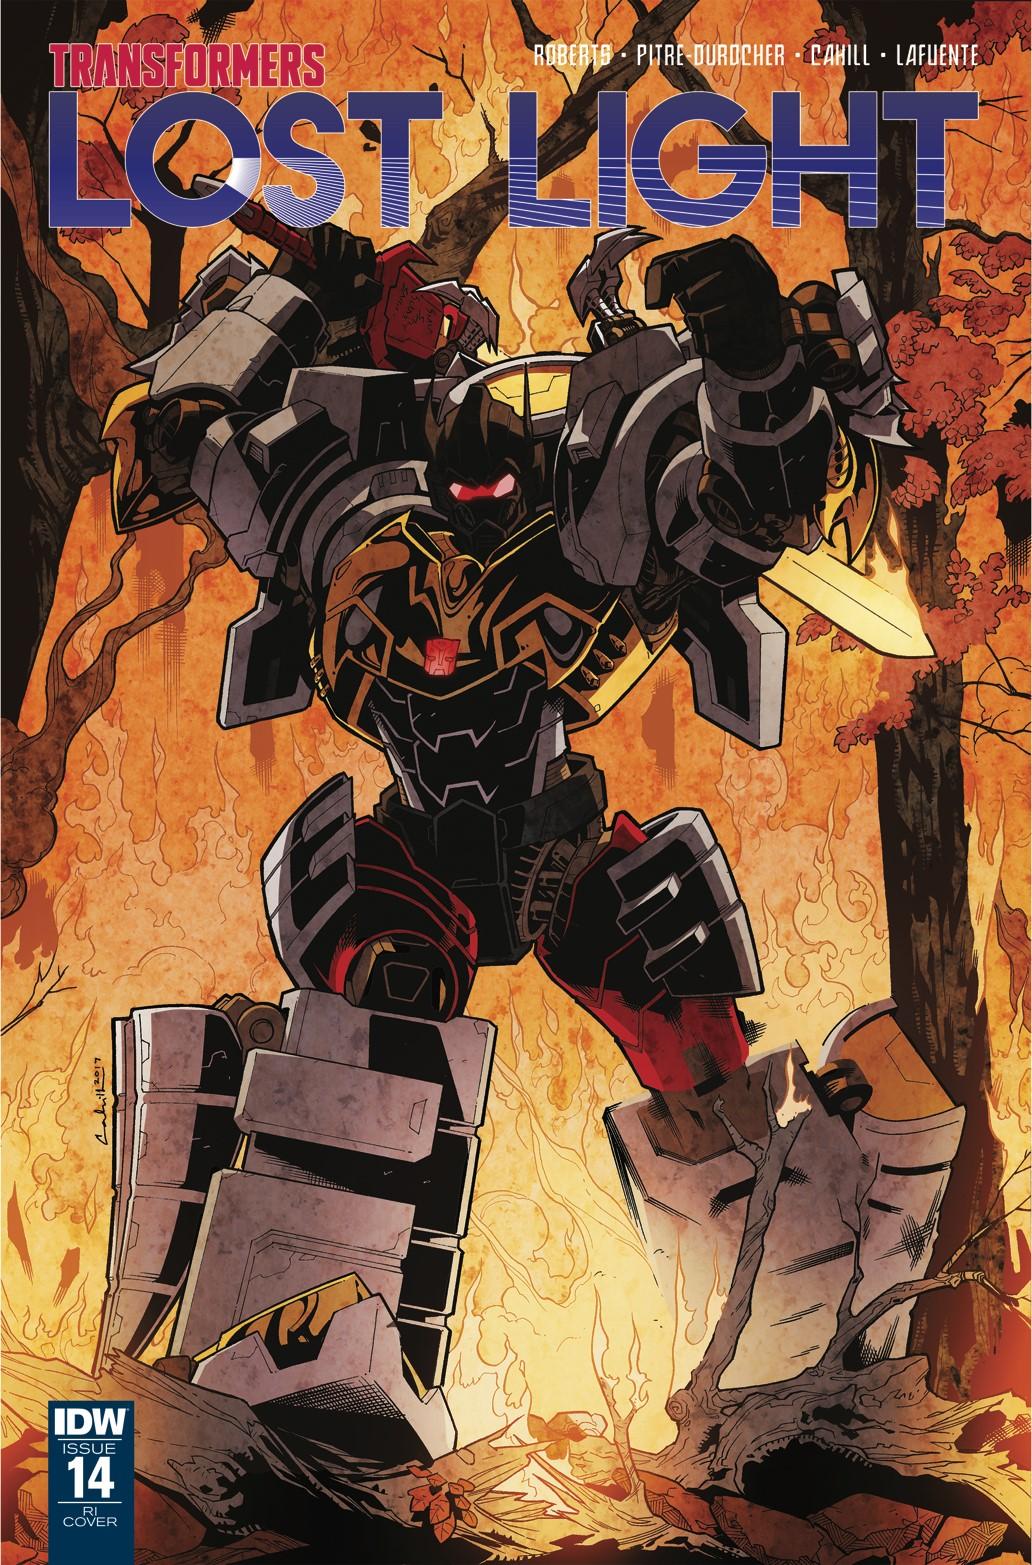 Transformers Lost Light 14 Brendan Cahill Retailer